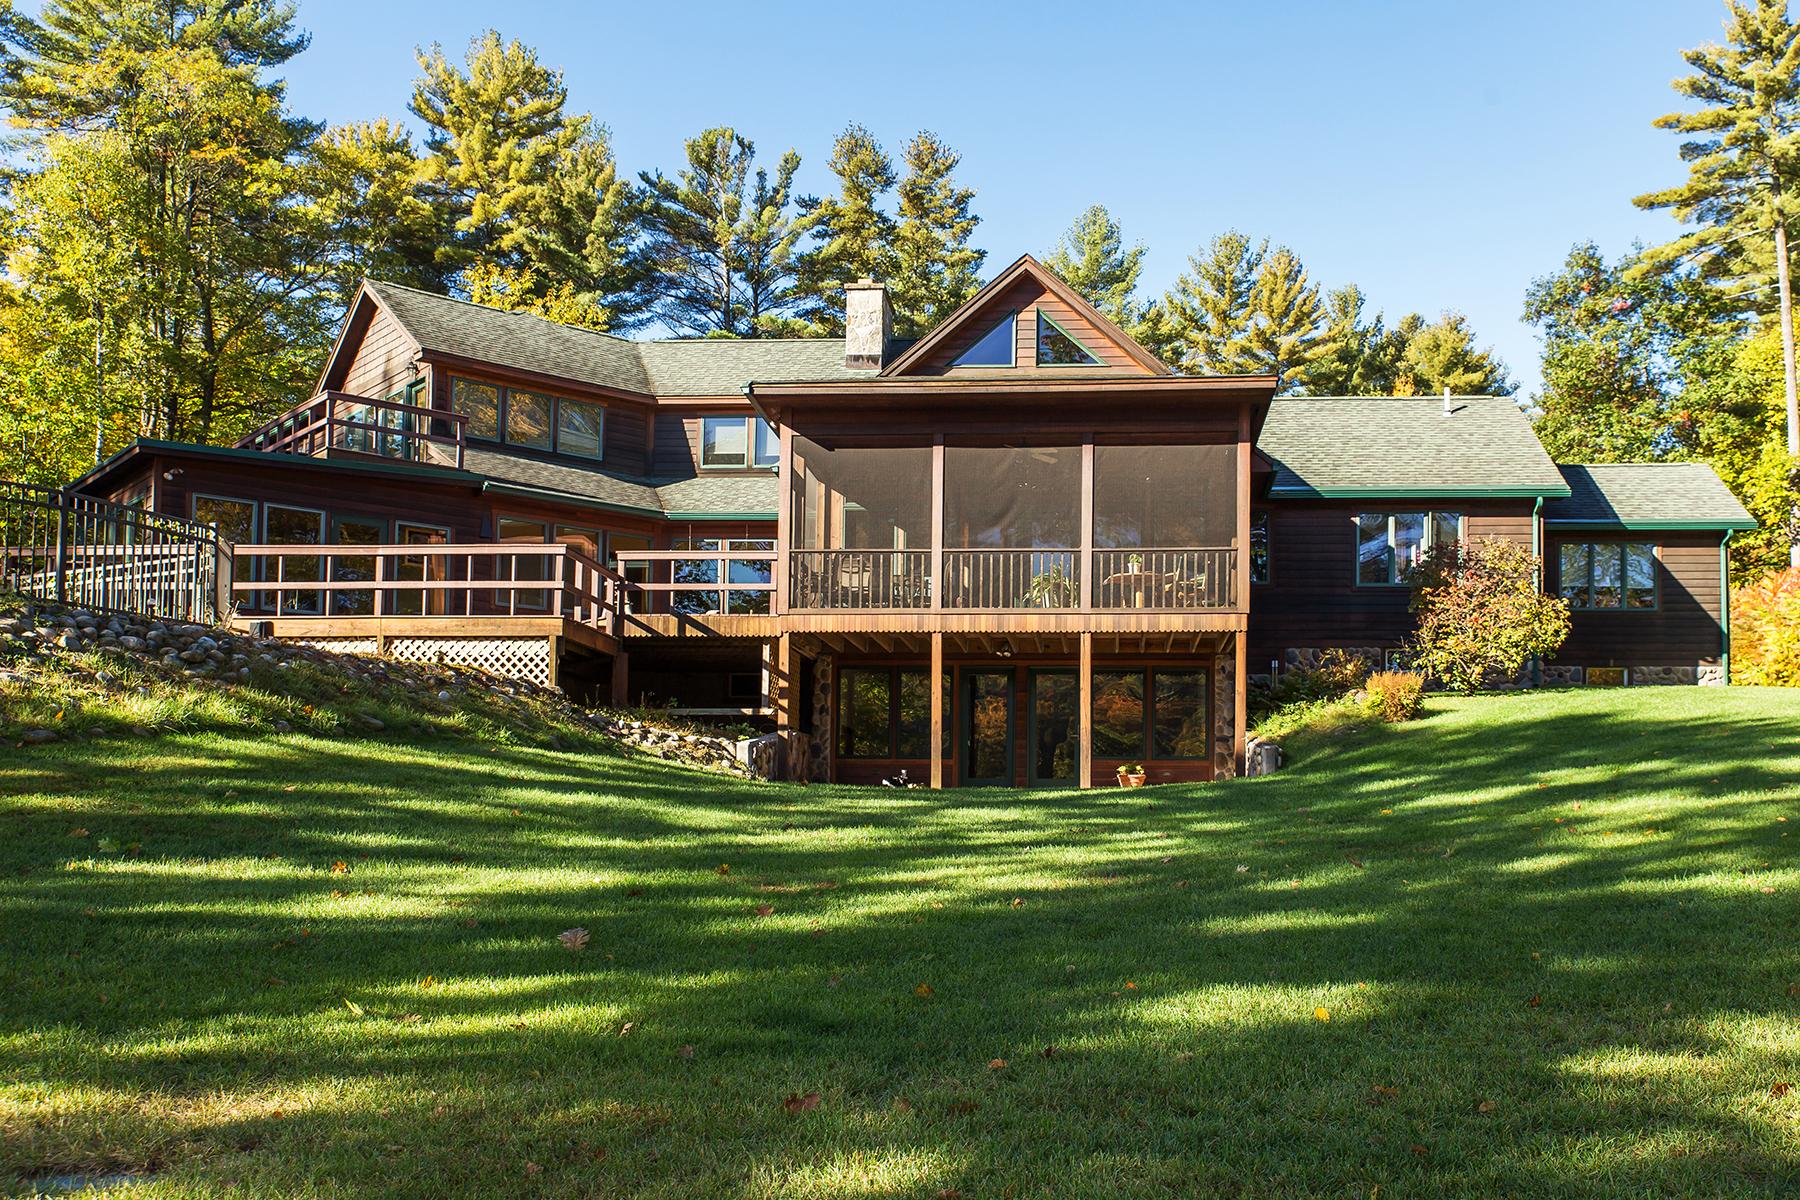 Частный односемейный дом для того Продажа на Custom Waterfront Hillside Ranch 35 Barber Rd Hadley, Нью-Йорк 12835 Соединенные Штаты